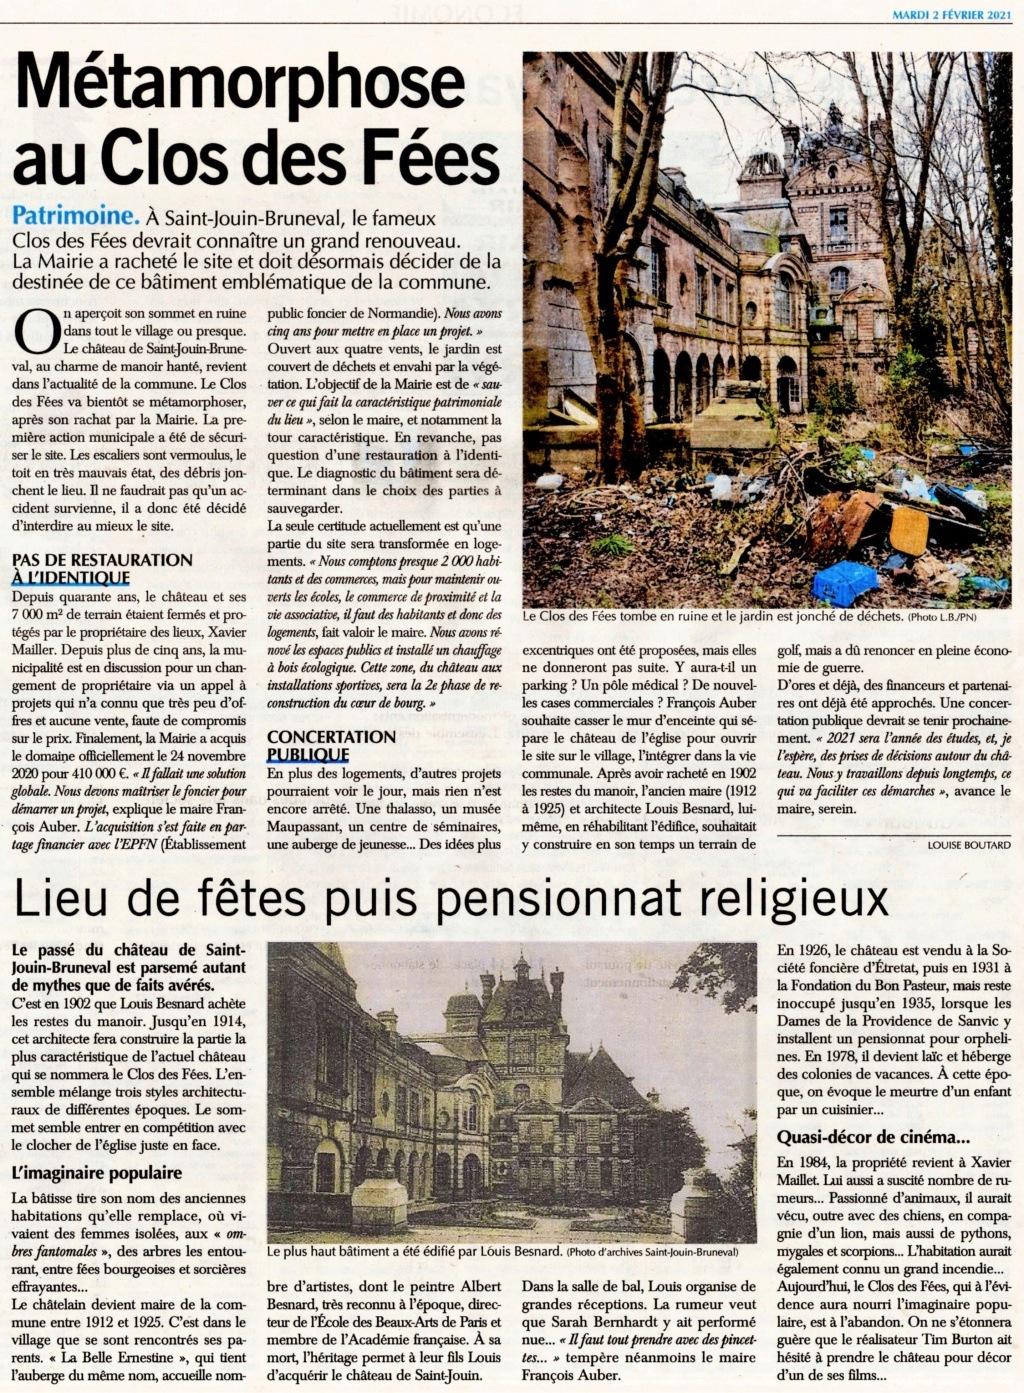 Saint-Jouin-Bruneval - Métamorphose au Clos des Fées 2021-016